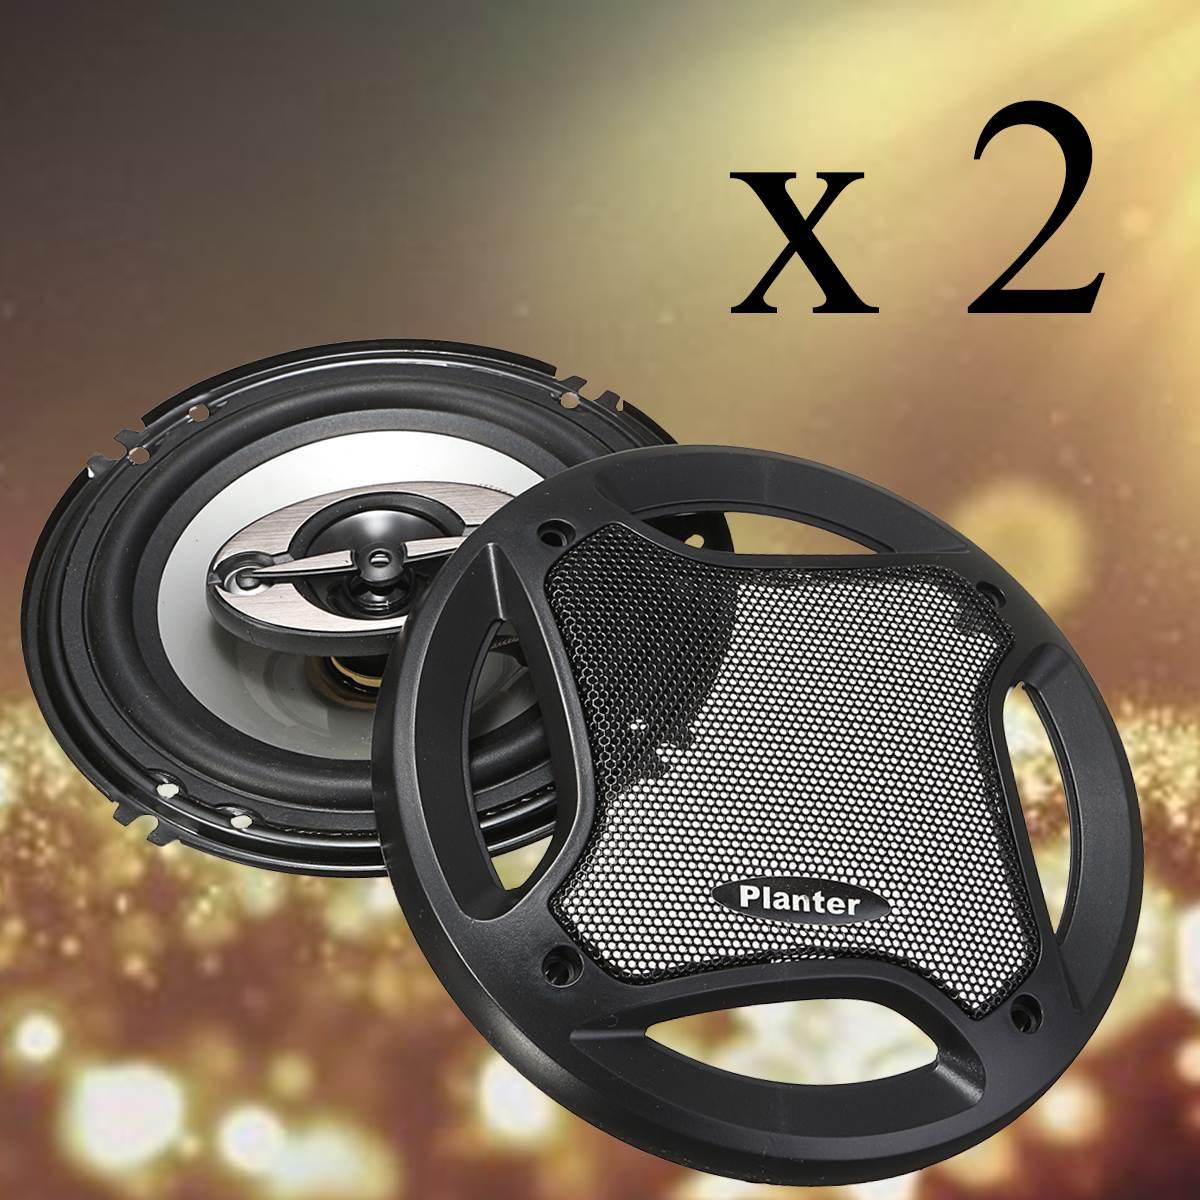 KROAK 2Pcs 6.5'' Car Audio Coaxial Speakers Stereo 90dB 400W Loudspeaker Subwoofer 4 Way